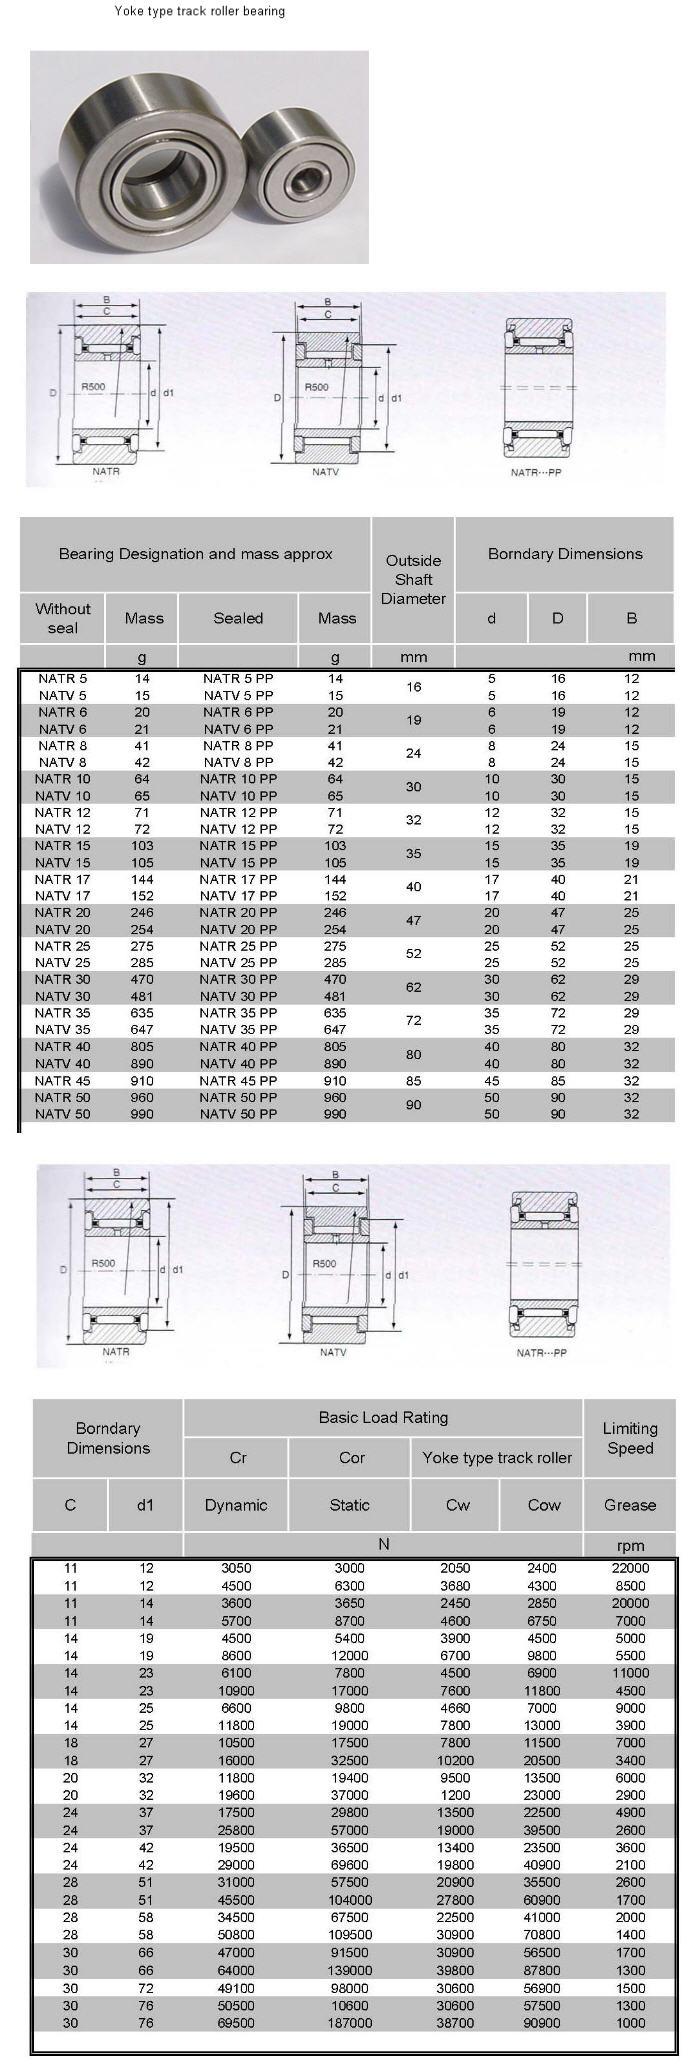 NATR 5 |  NATV 5 |  NATR 6 |  NATV 6 |  NATR 8 |  NATV 8 |  NATR 10 |  NATV 10 |  NATR 12 |  NATV 12 |  NATR 15 |  NATV 15 |  NATR 17 |  NATV 17 |  NATR 20 |  NATV 20 |  NATR 25 |  NATV 25 |  NATR 30 |  NATV 30 |  NATR 35 |  NATV 35 |  NATR 40 |  NATV 40 |  NATR 45 |  NATR 50 |  NATV 50 |  NATR 5 PP |  NATV 5 PP |  NATR 6 PP |  NATV 6 PP |  NATR 8 PP |  NATV 8 PP |  NATR 10 PP |  NATV 10 PP |  NATR 12 PP |  NATV 12 PP |  NATR 15 PP |  NATV 15 PP |  NATR 17 PP |  NATV 17 PP |  NATR 20 PP |  NATV 20 PP |  NATR 25 PP |  NATV 25 PP |  NATR 30 PP |  NATV 30 PP |  NATR 35 PP |  NATV 35 PP |  NATR 40 PP |  NATV 40 PP |  NATR 45 PP |  NATR 50 PP |  NATV 50 PP |